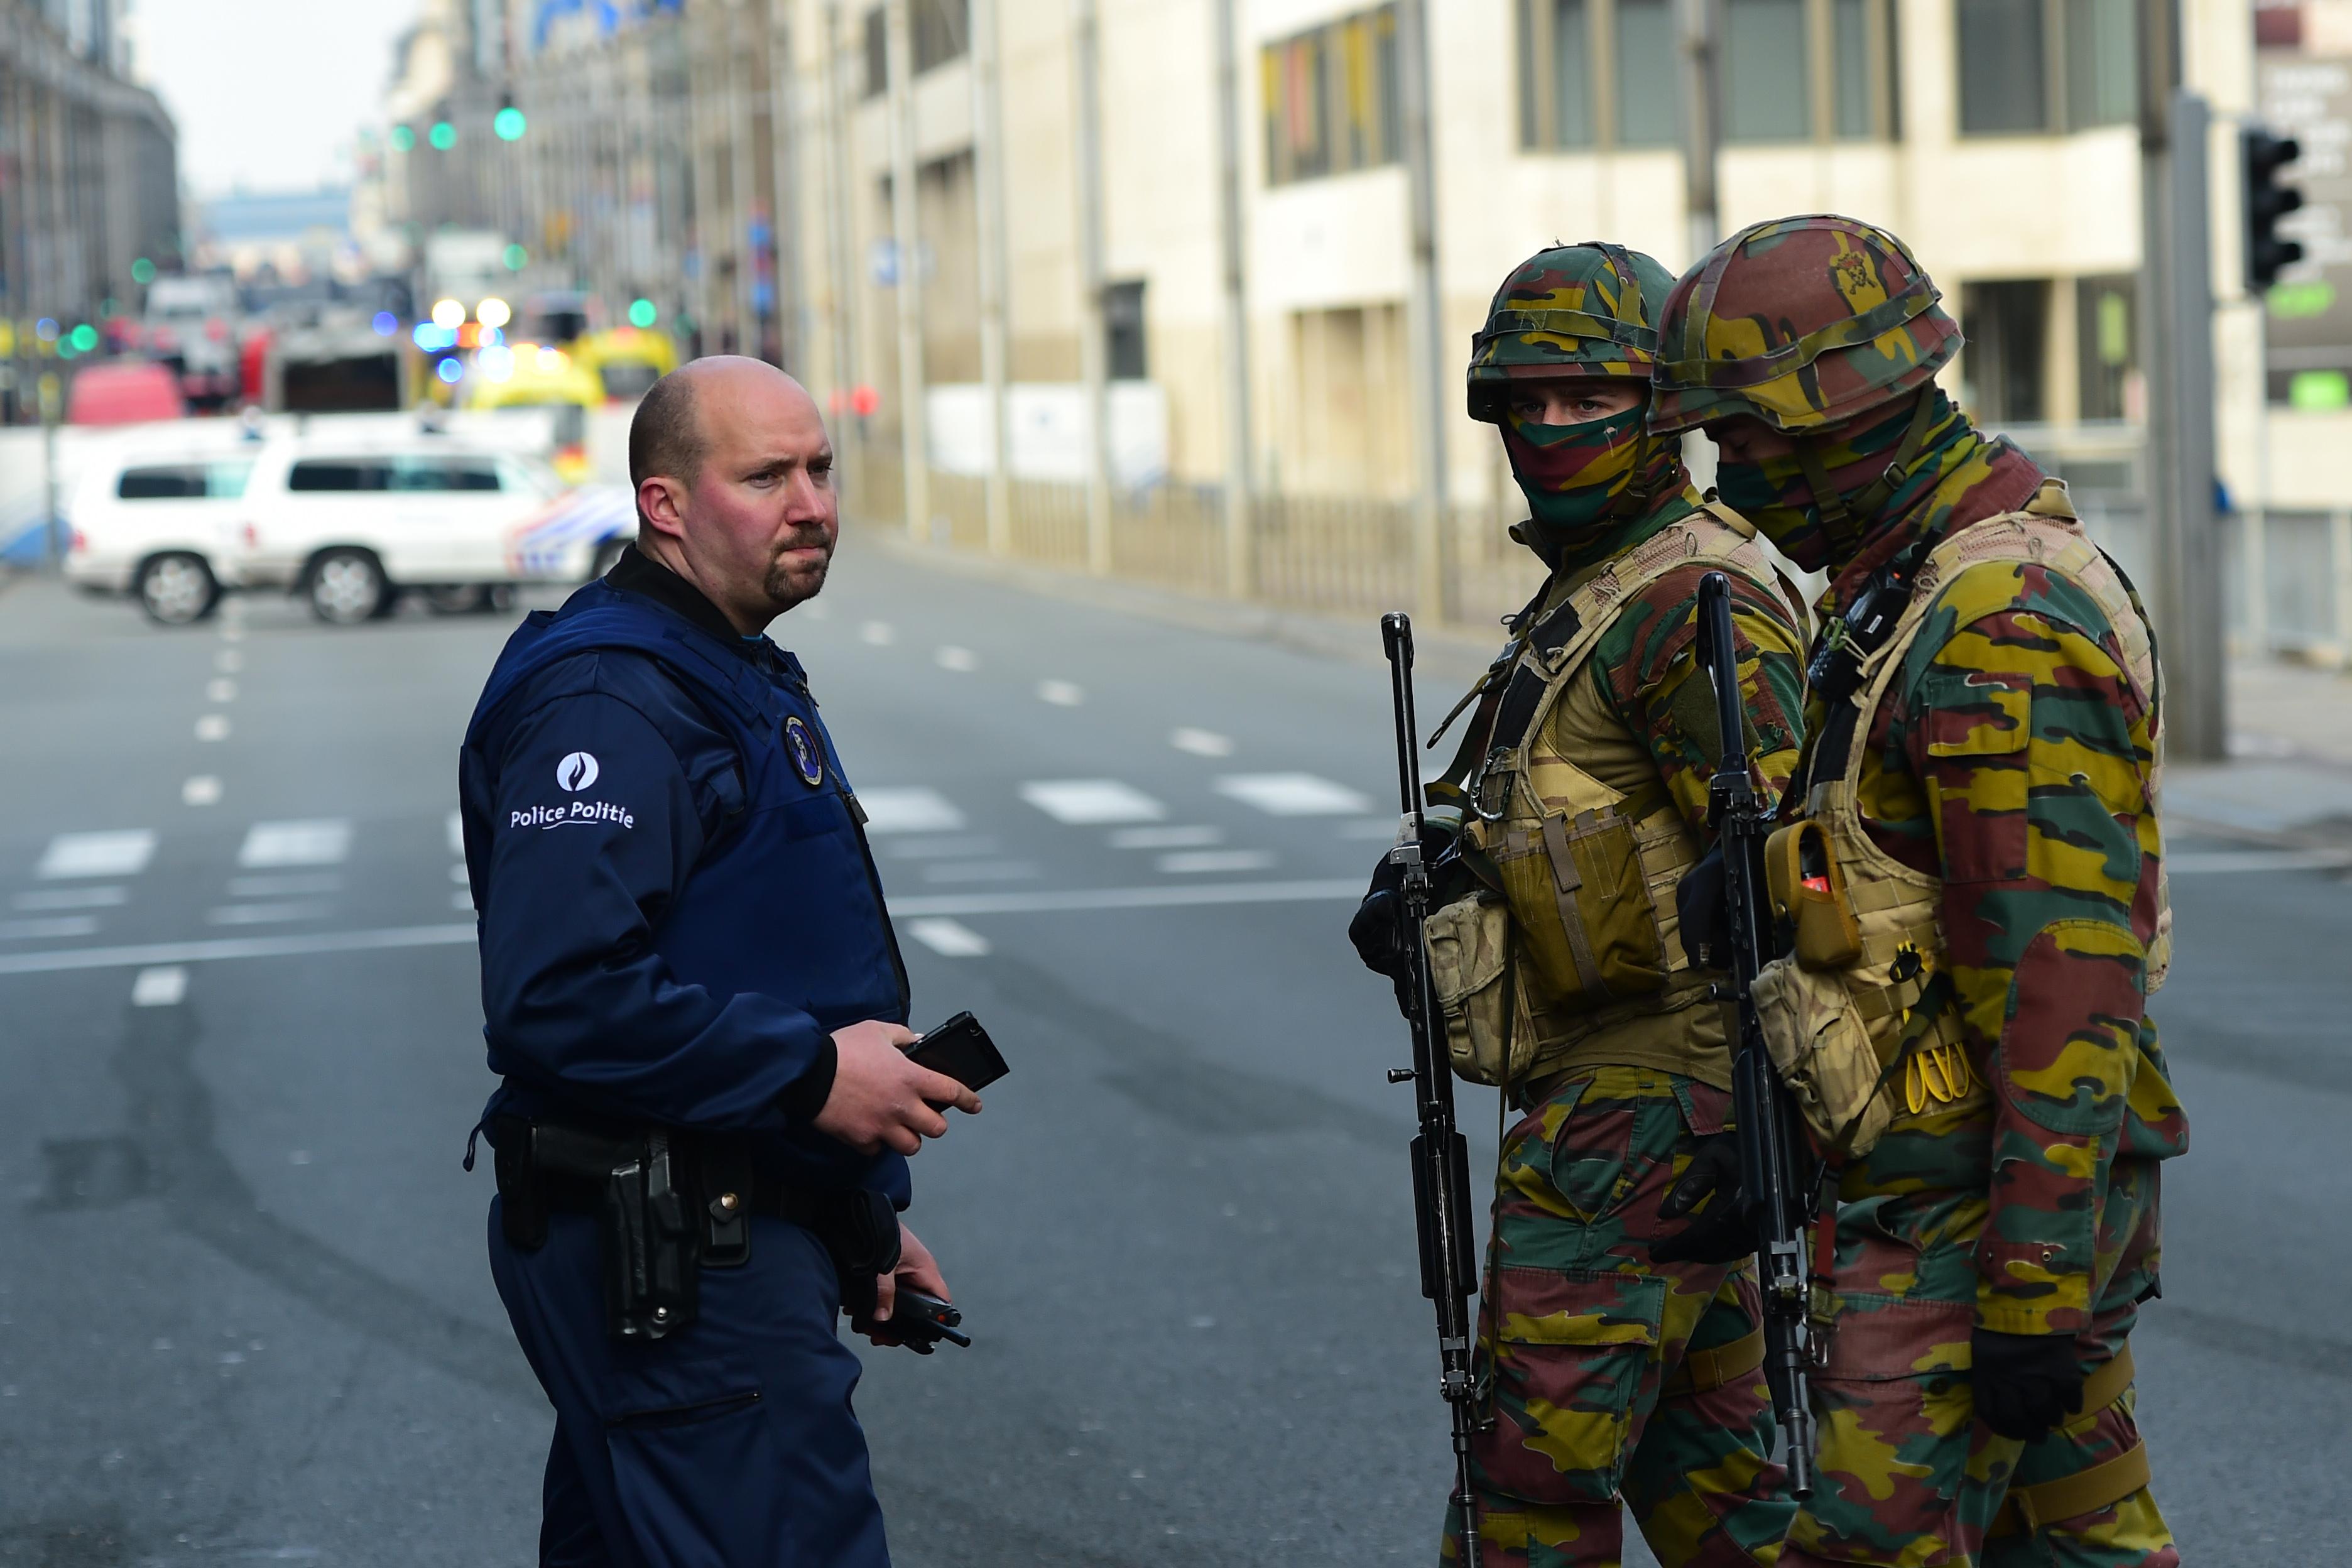 استنفار أمني في شوارع بروكسل